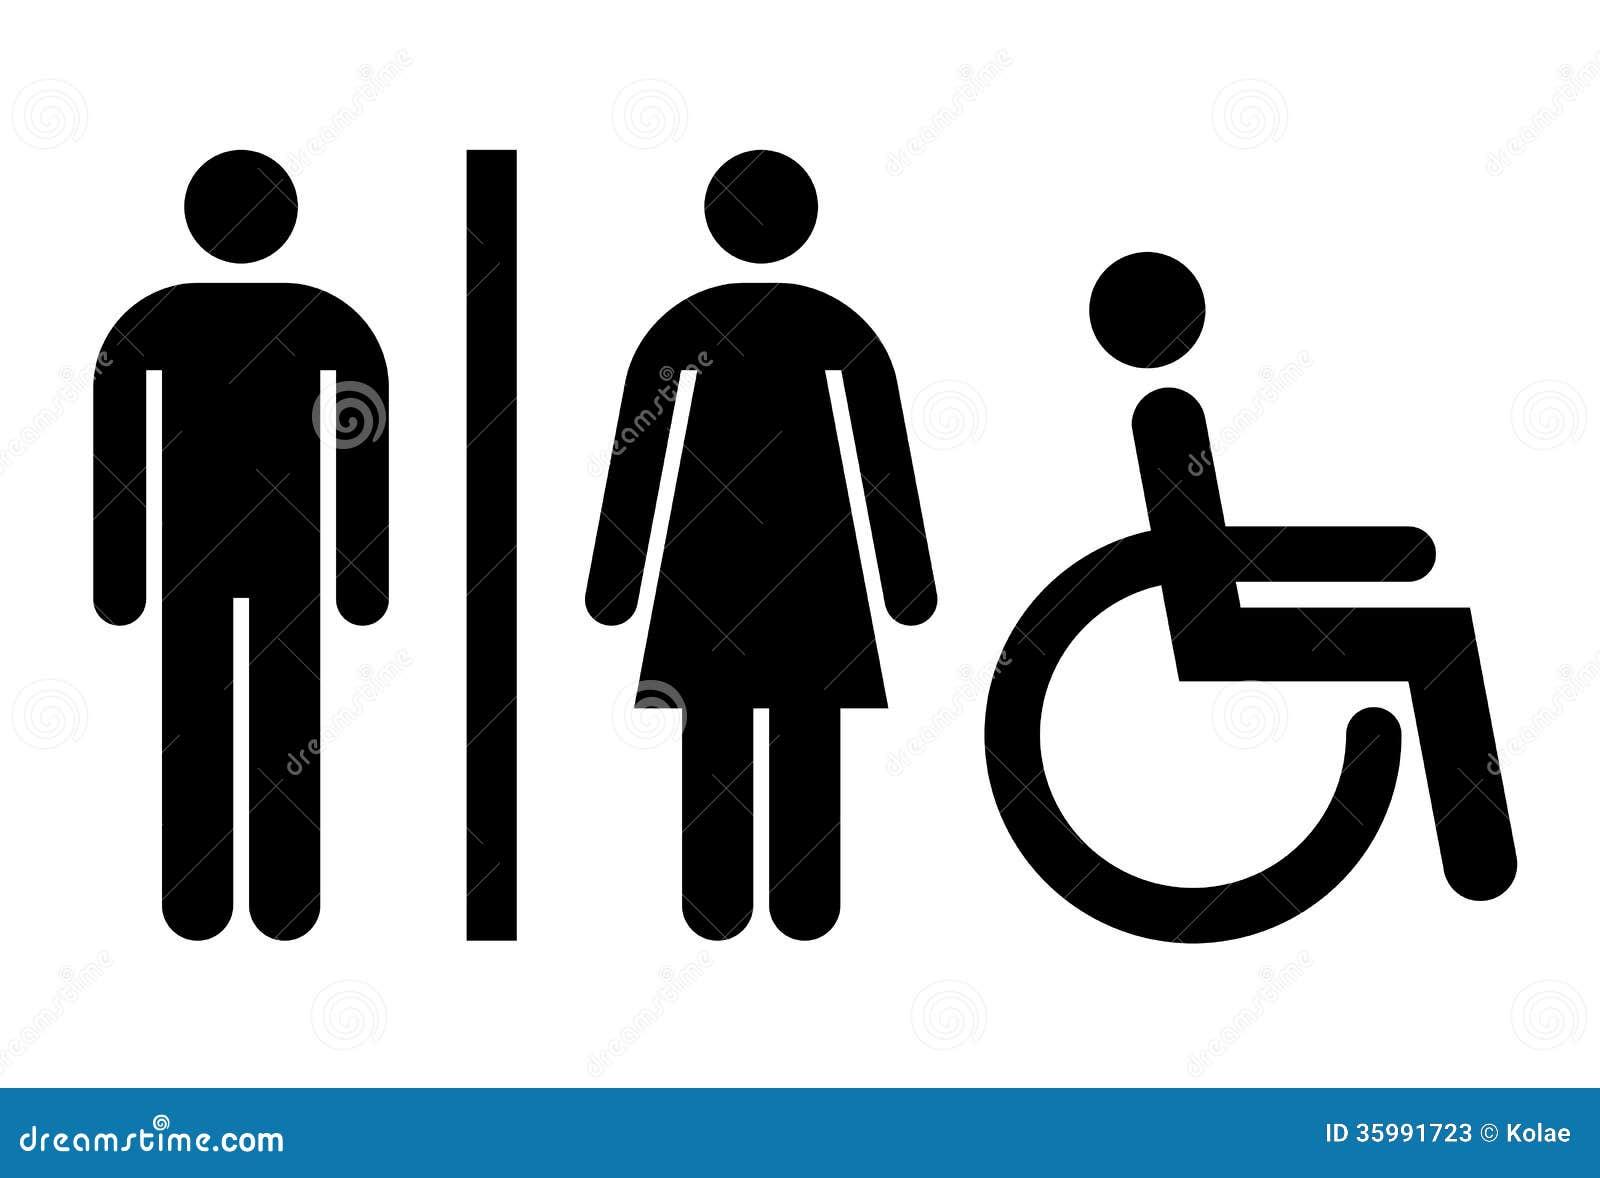 Toilette Wc Toilettenzeichen Stockfotos Bild 35991723